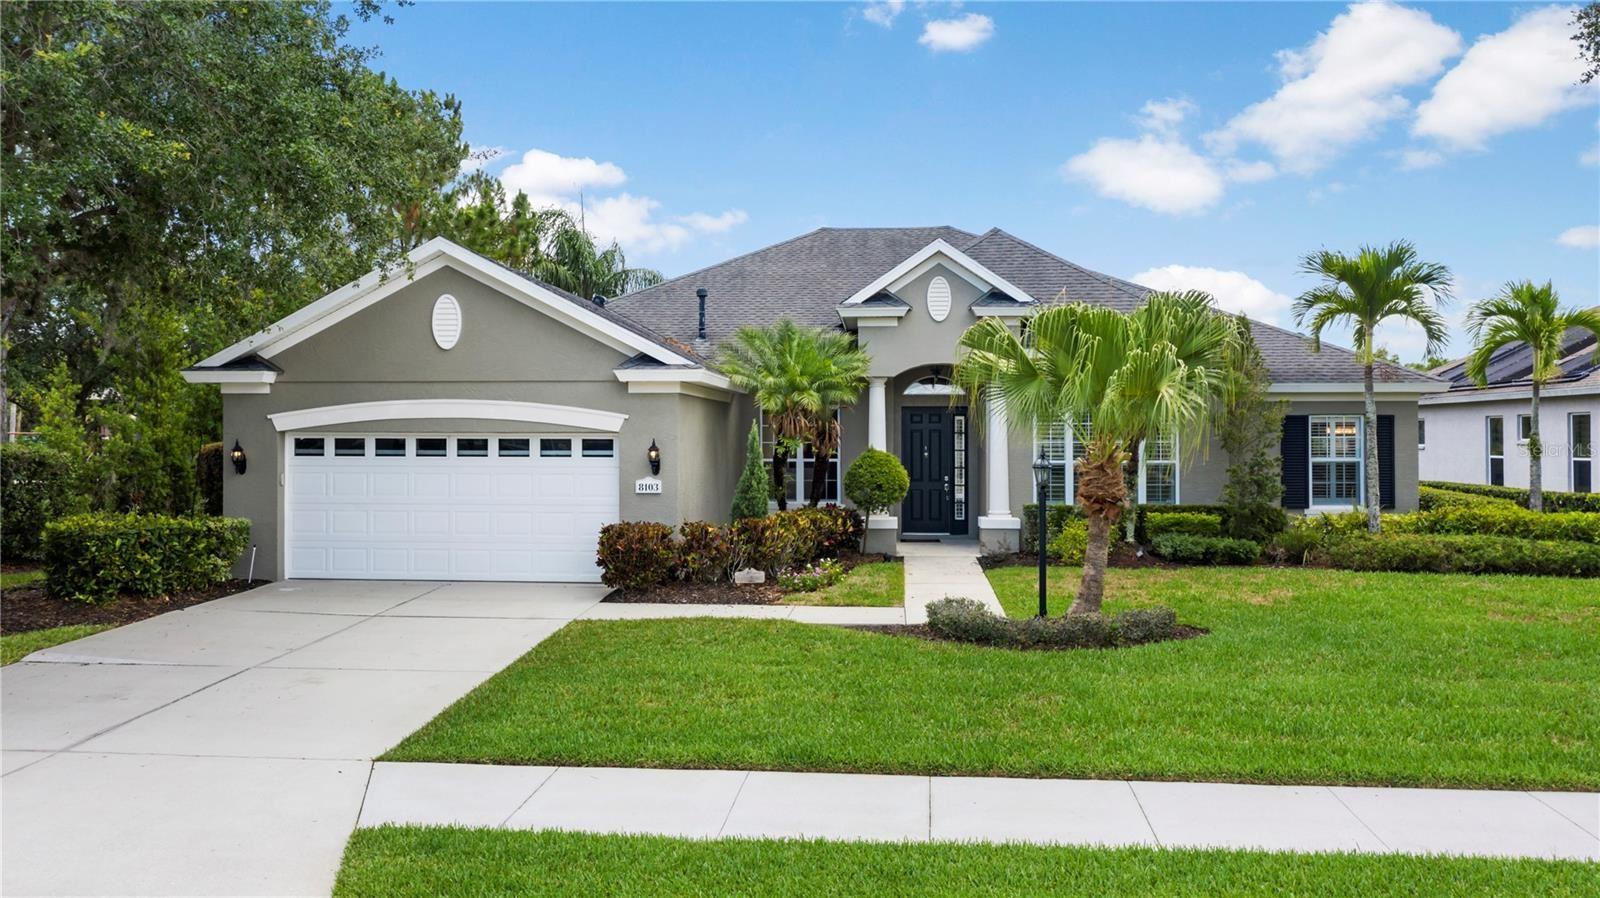 8103 PLANTERS KNOLL TERRACE, University Park, FL 34201 - #: A4504299